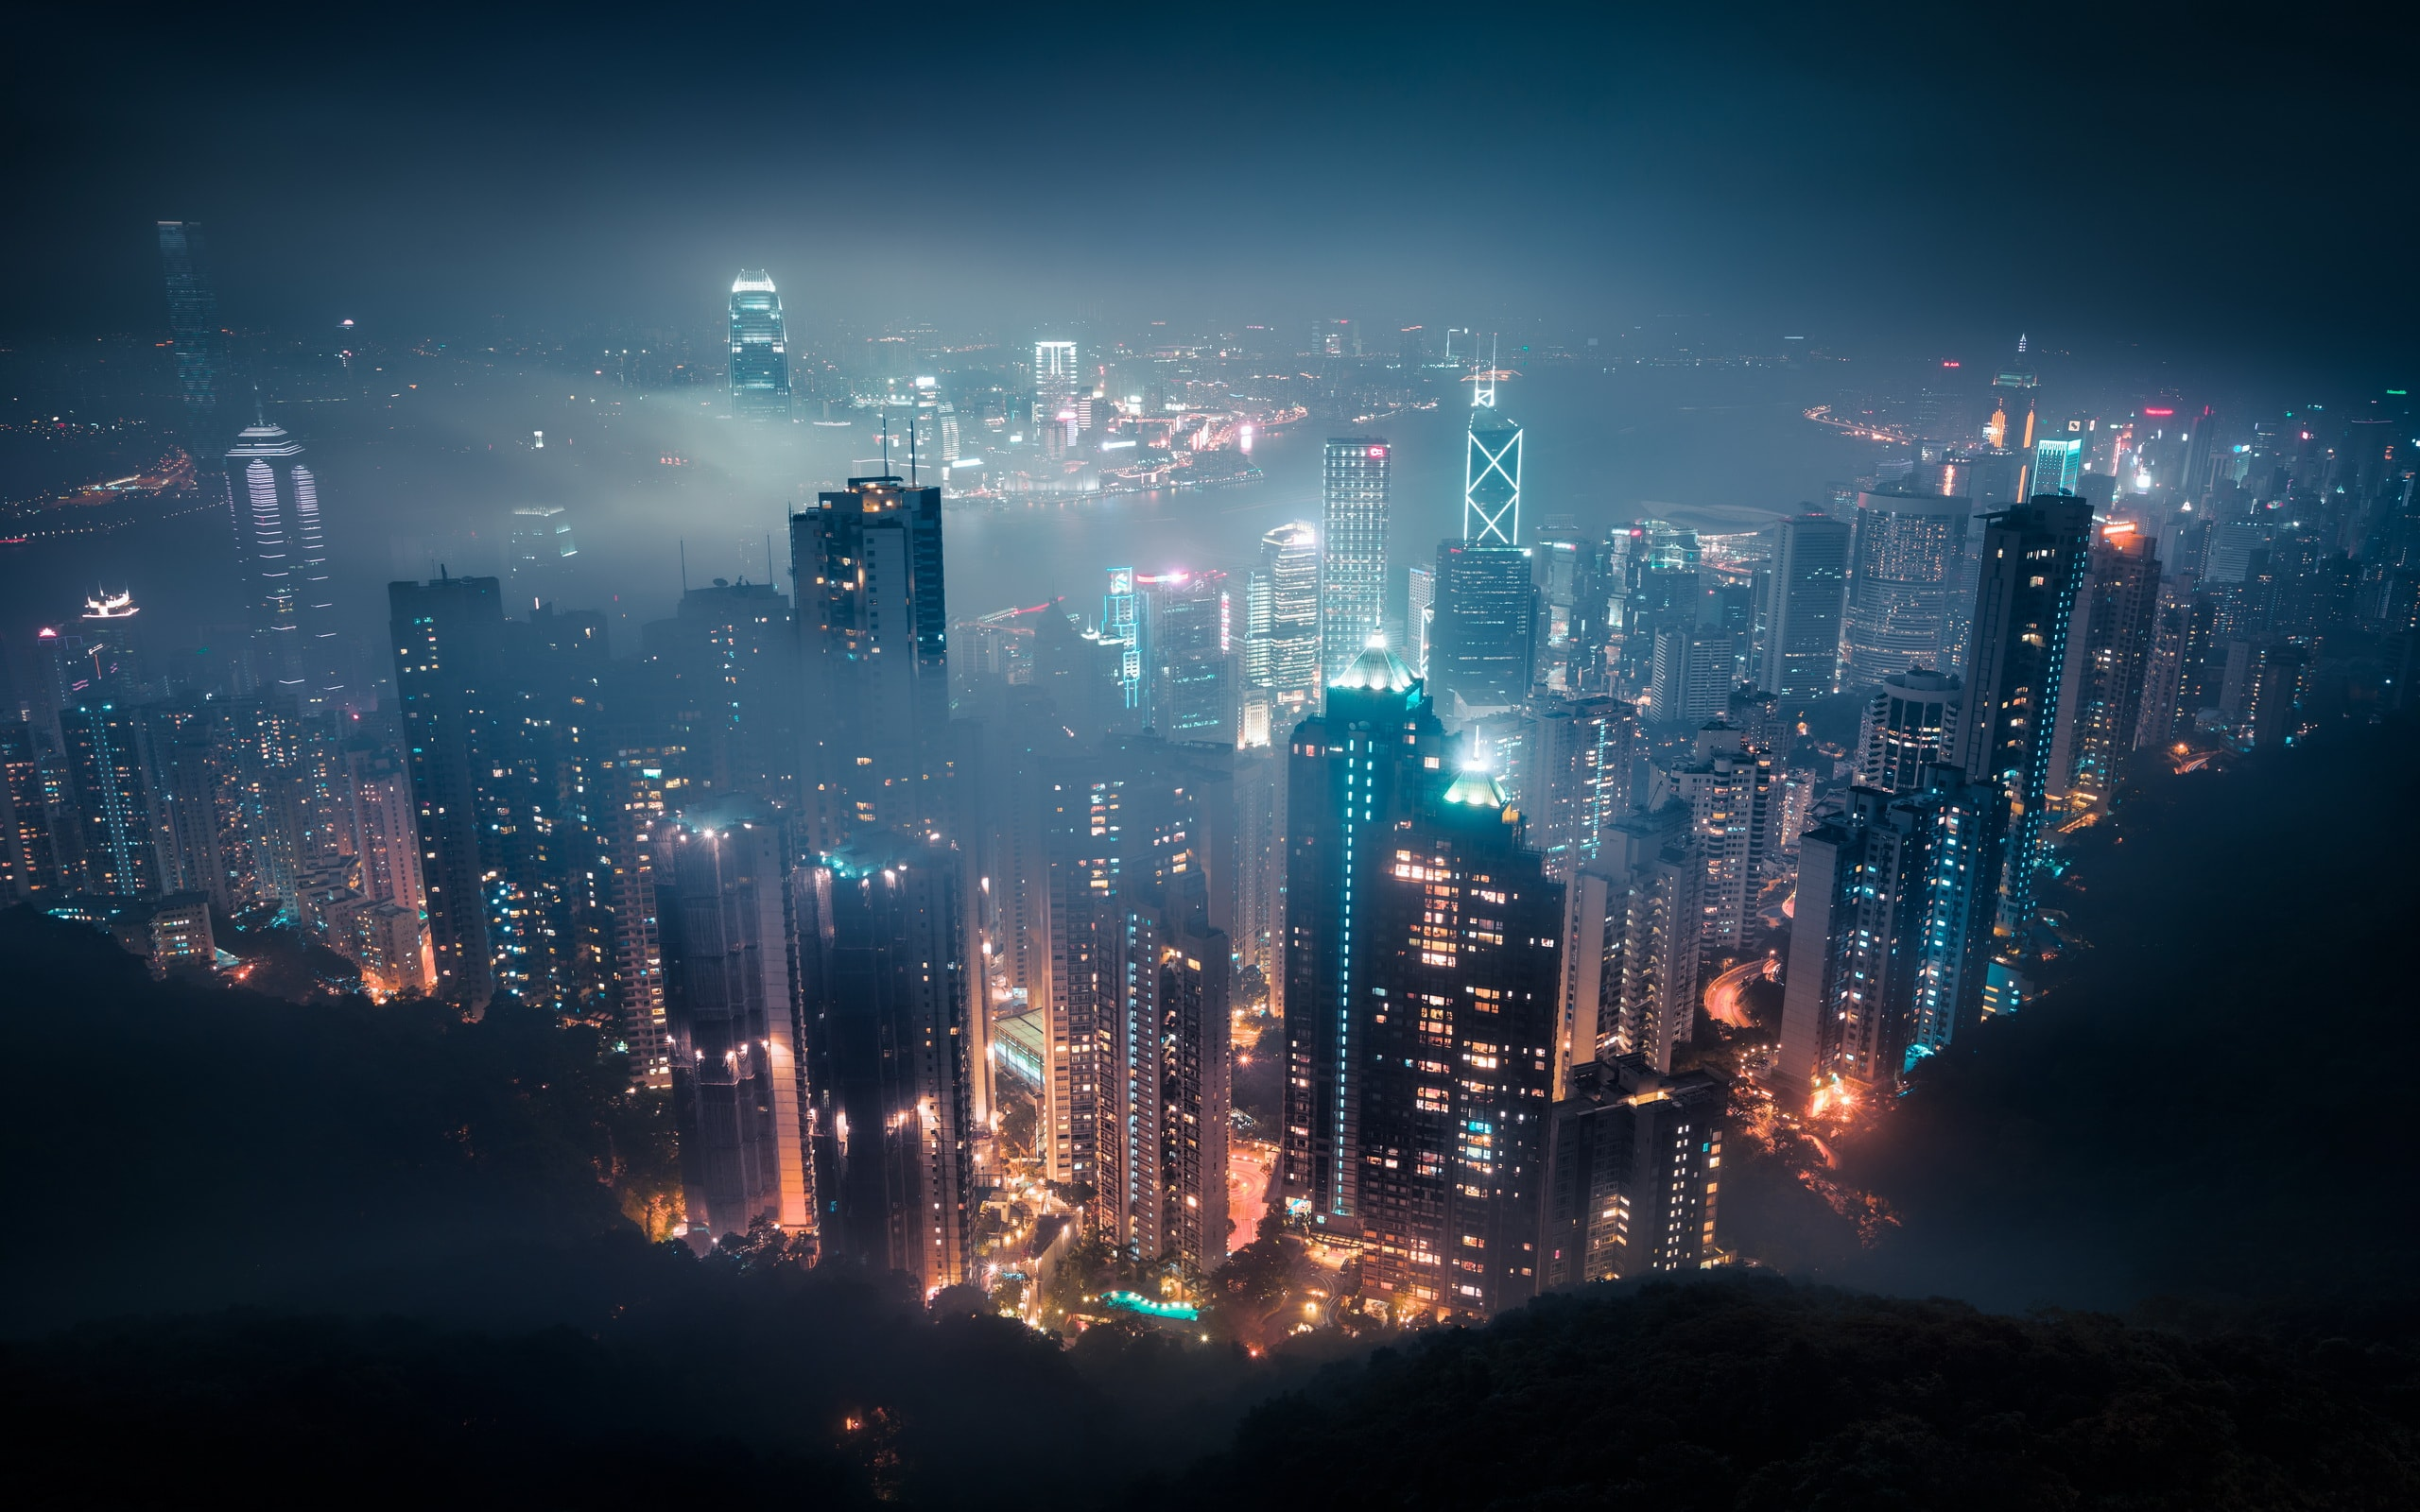 Hong Kong widescreen for desktop